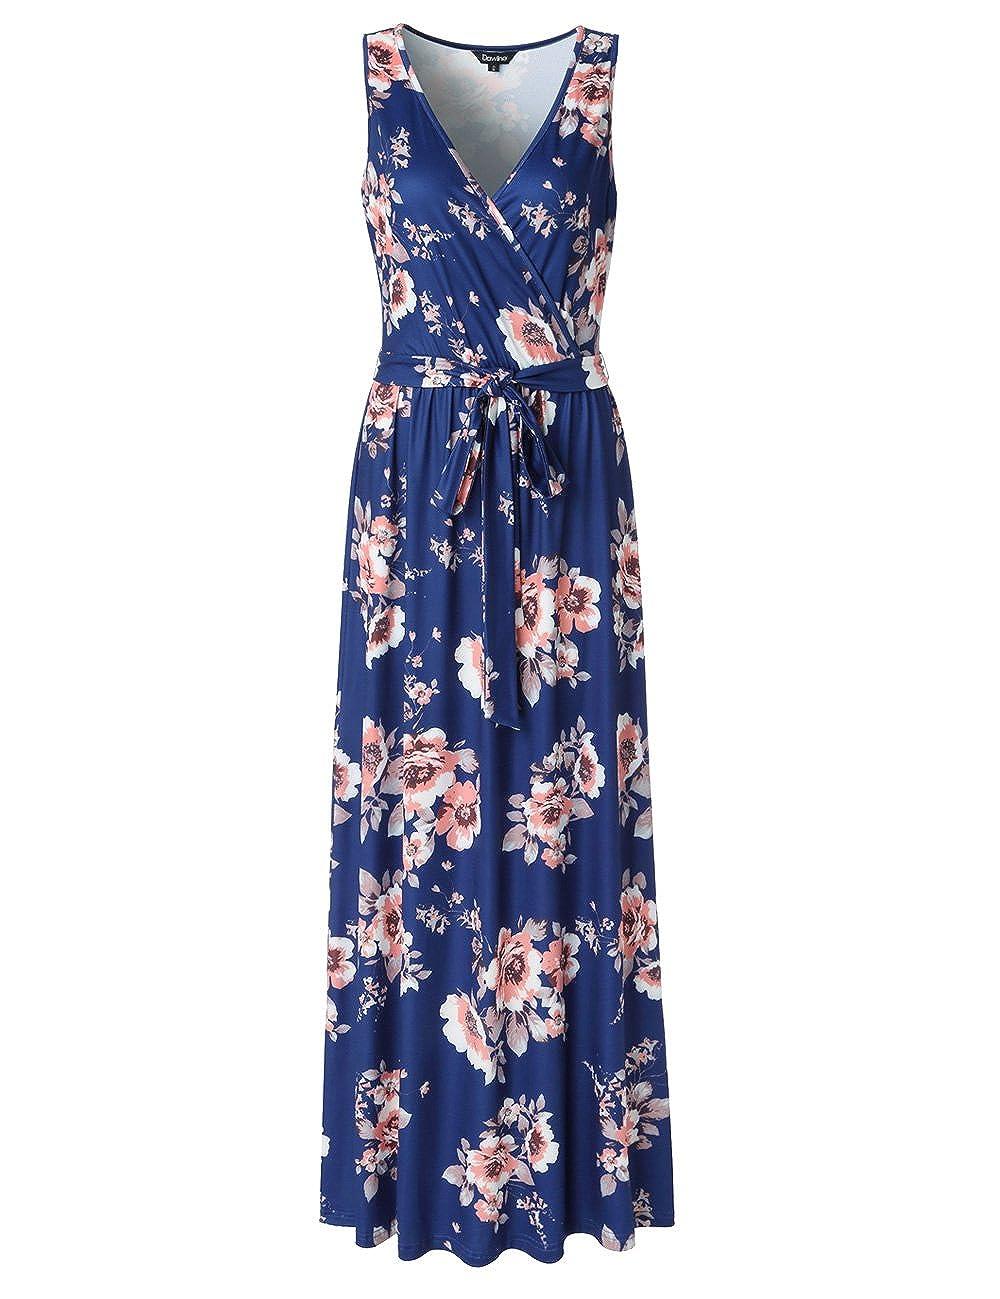 8c7e0646d45 UNIQUE DESIGN  Plus size maxi dresses with sexy criss-cross V neck